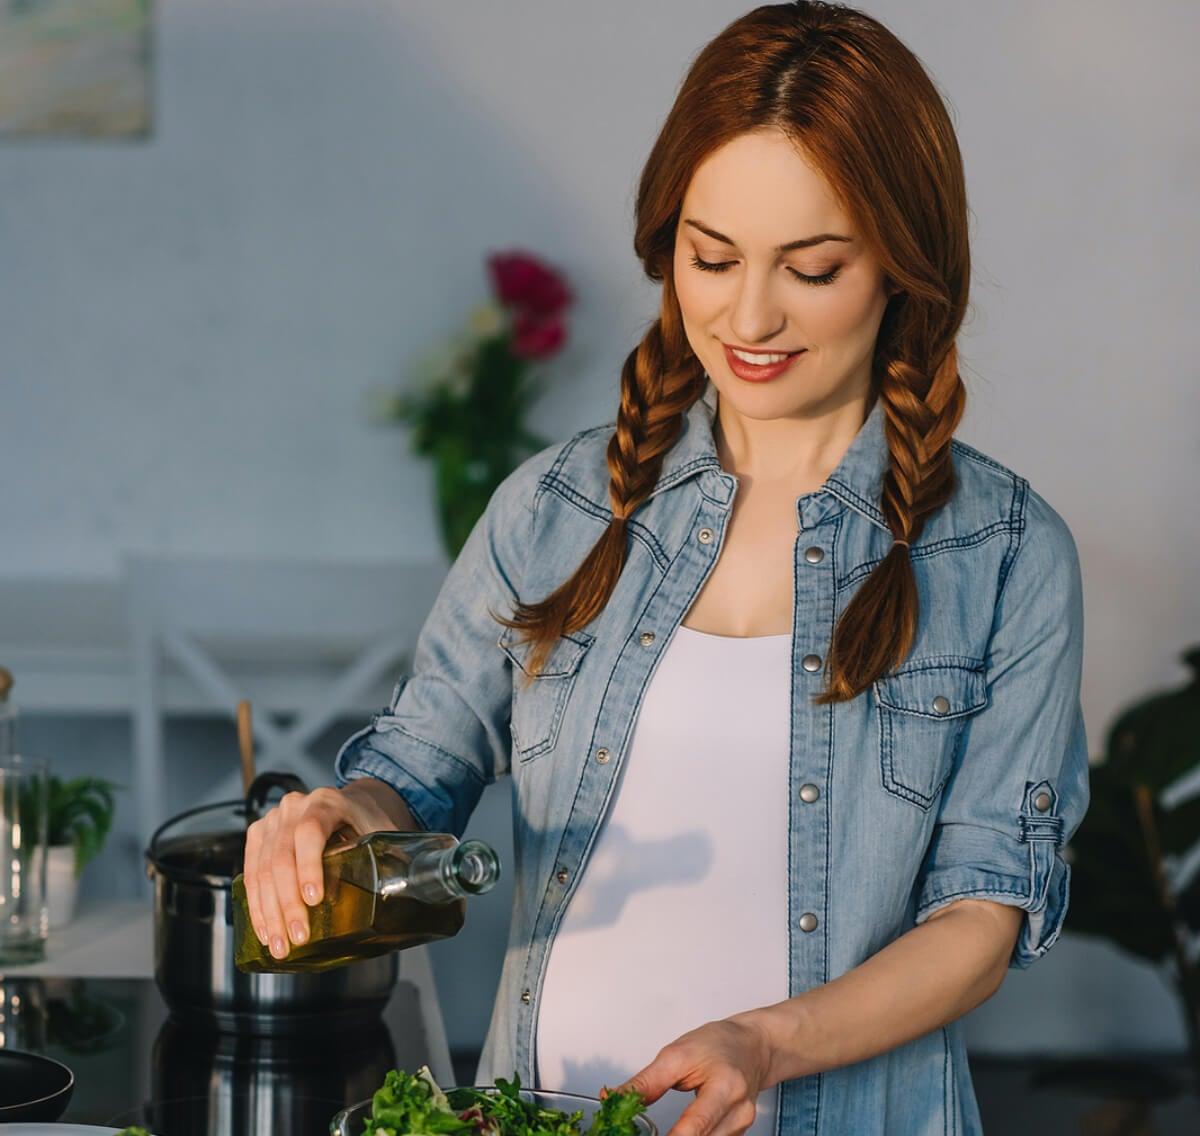 Mujer embarazada echando aceite de oliva a su ensalada.